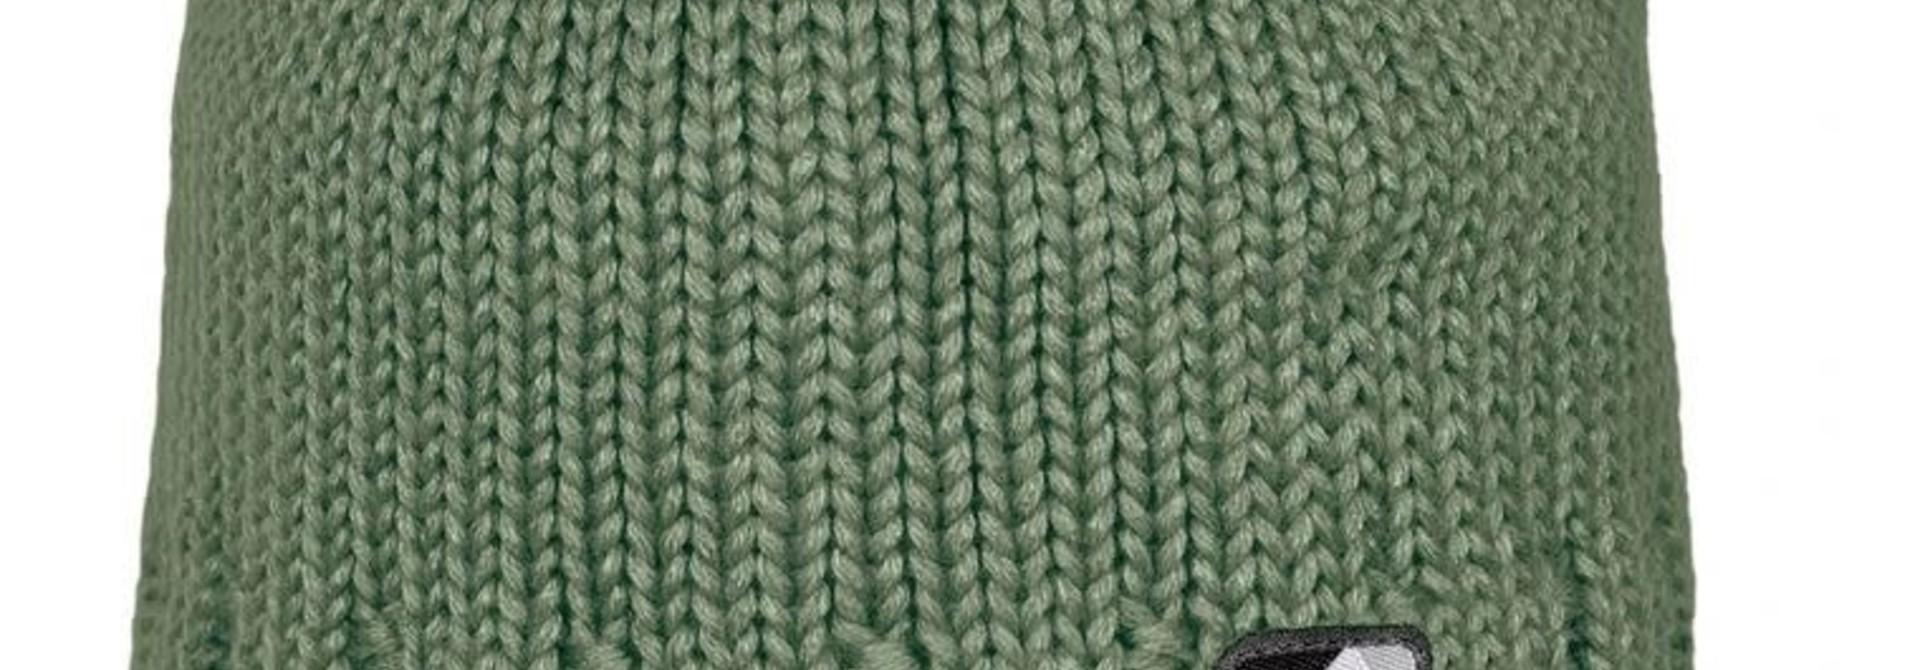 Bonnet en tricot - Kaki